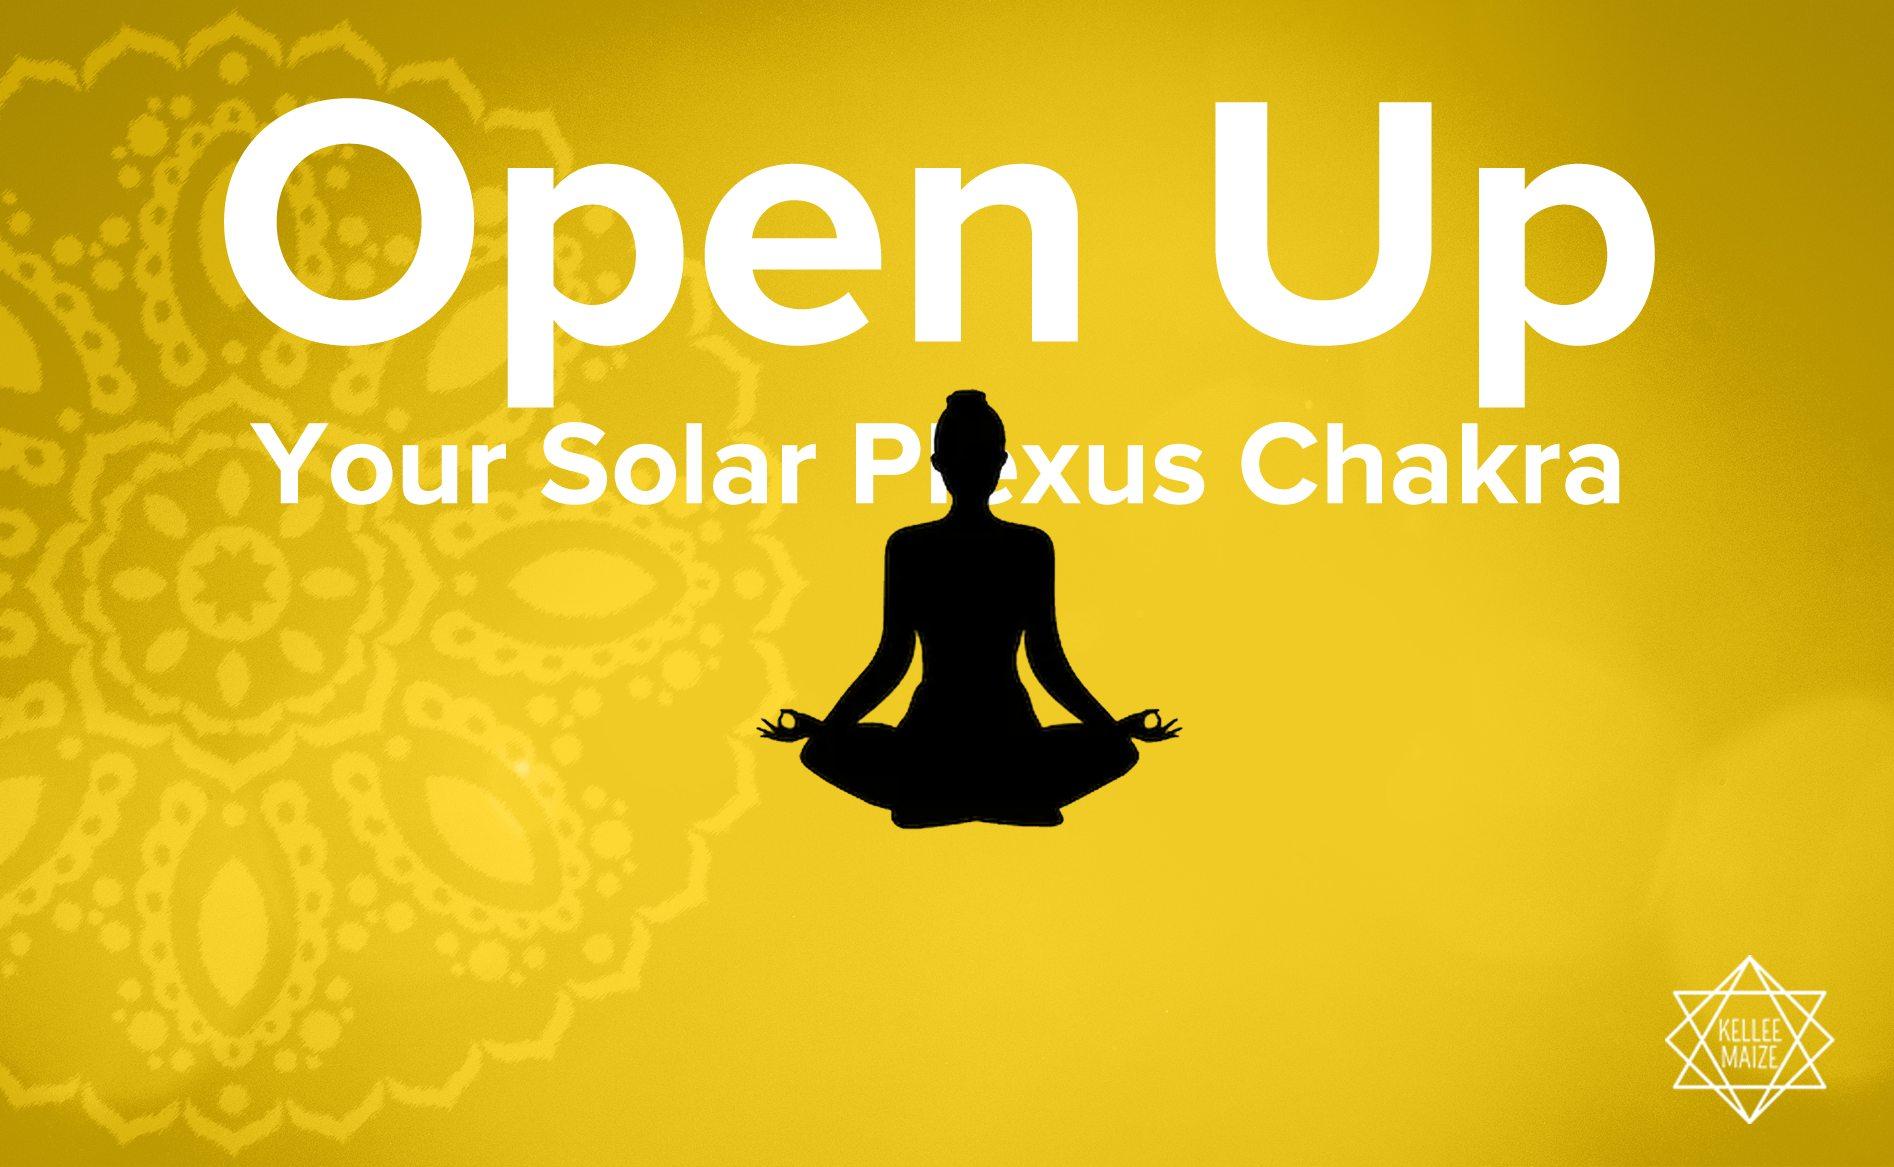 Open up solar plexus chakra illustration